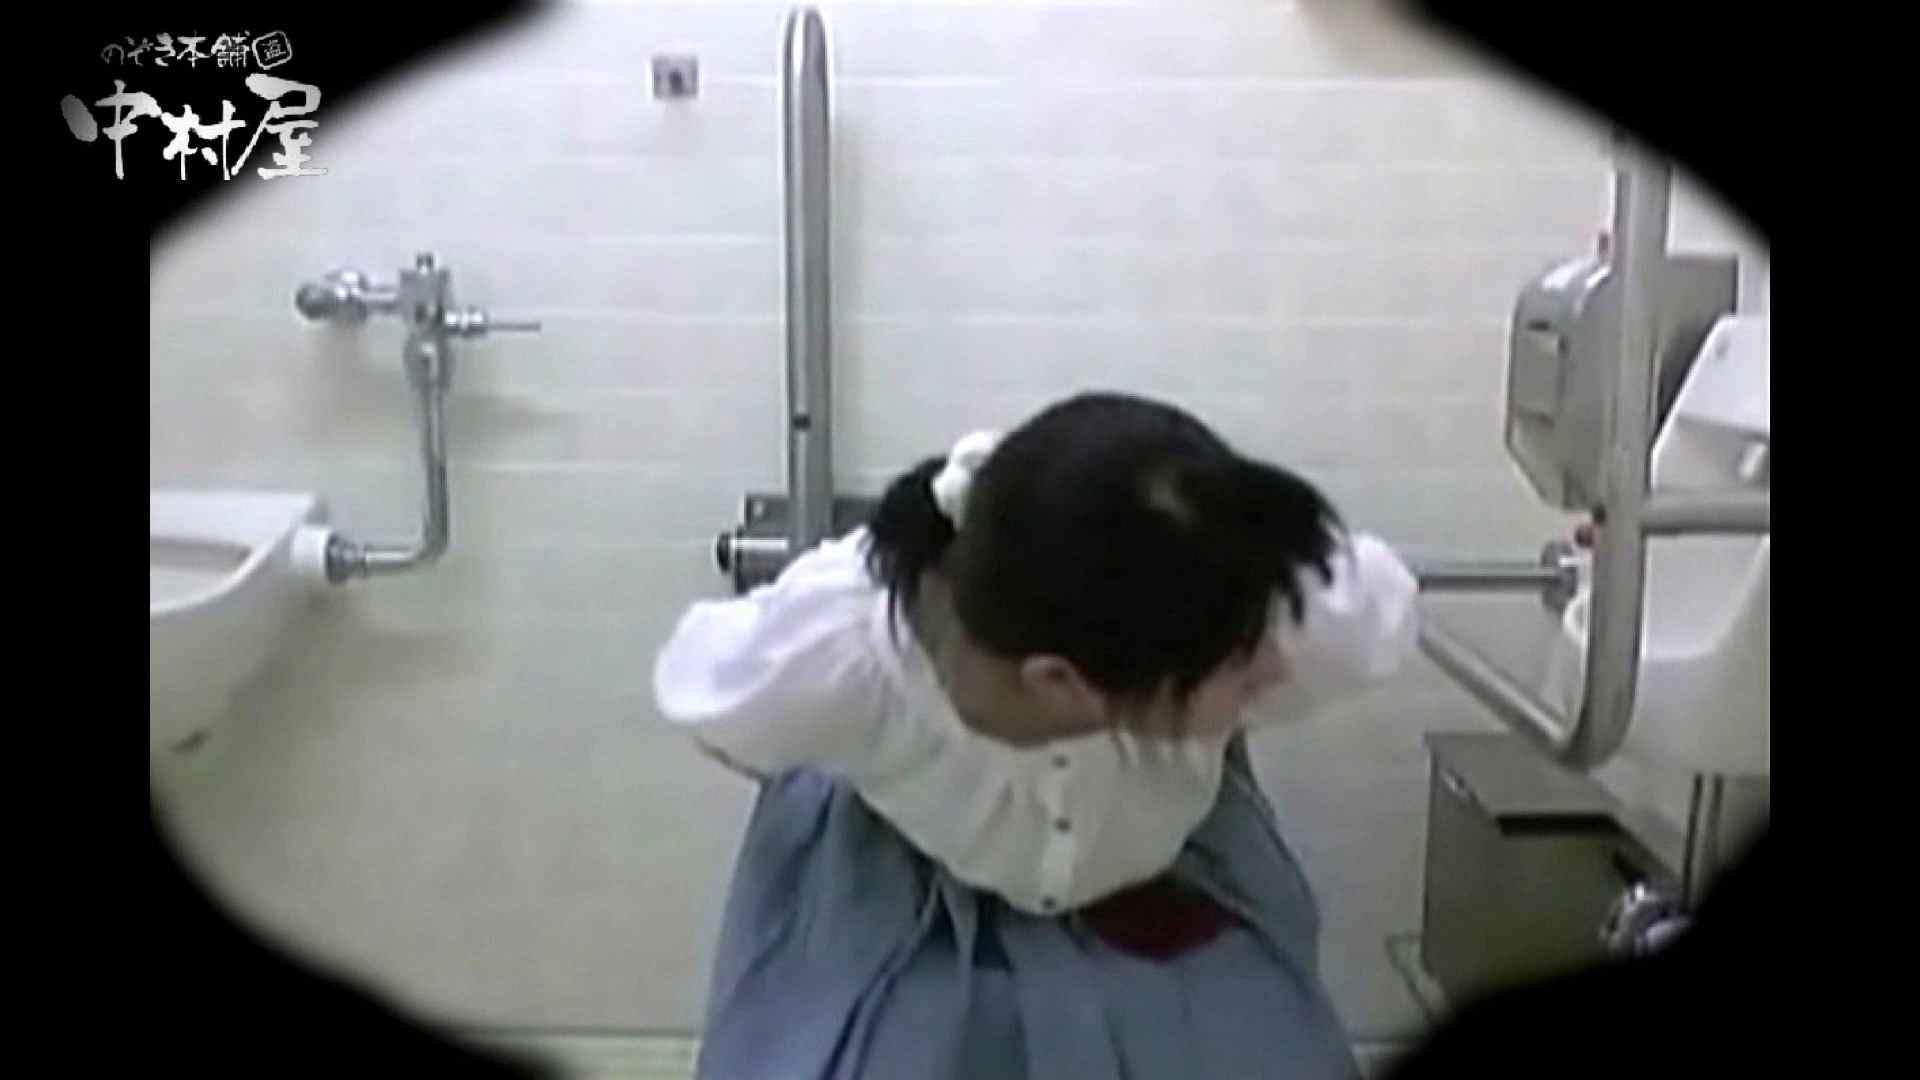 teen galトイレ覗き紙がナイ編‼vol.10 覗き エロ画像 100PIX 11